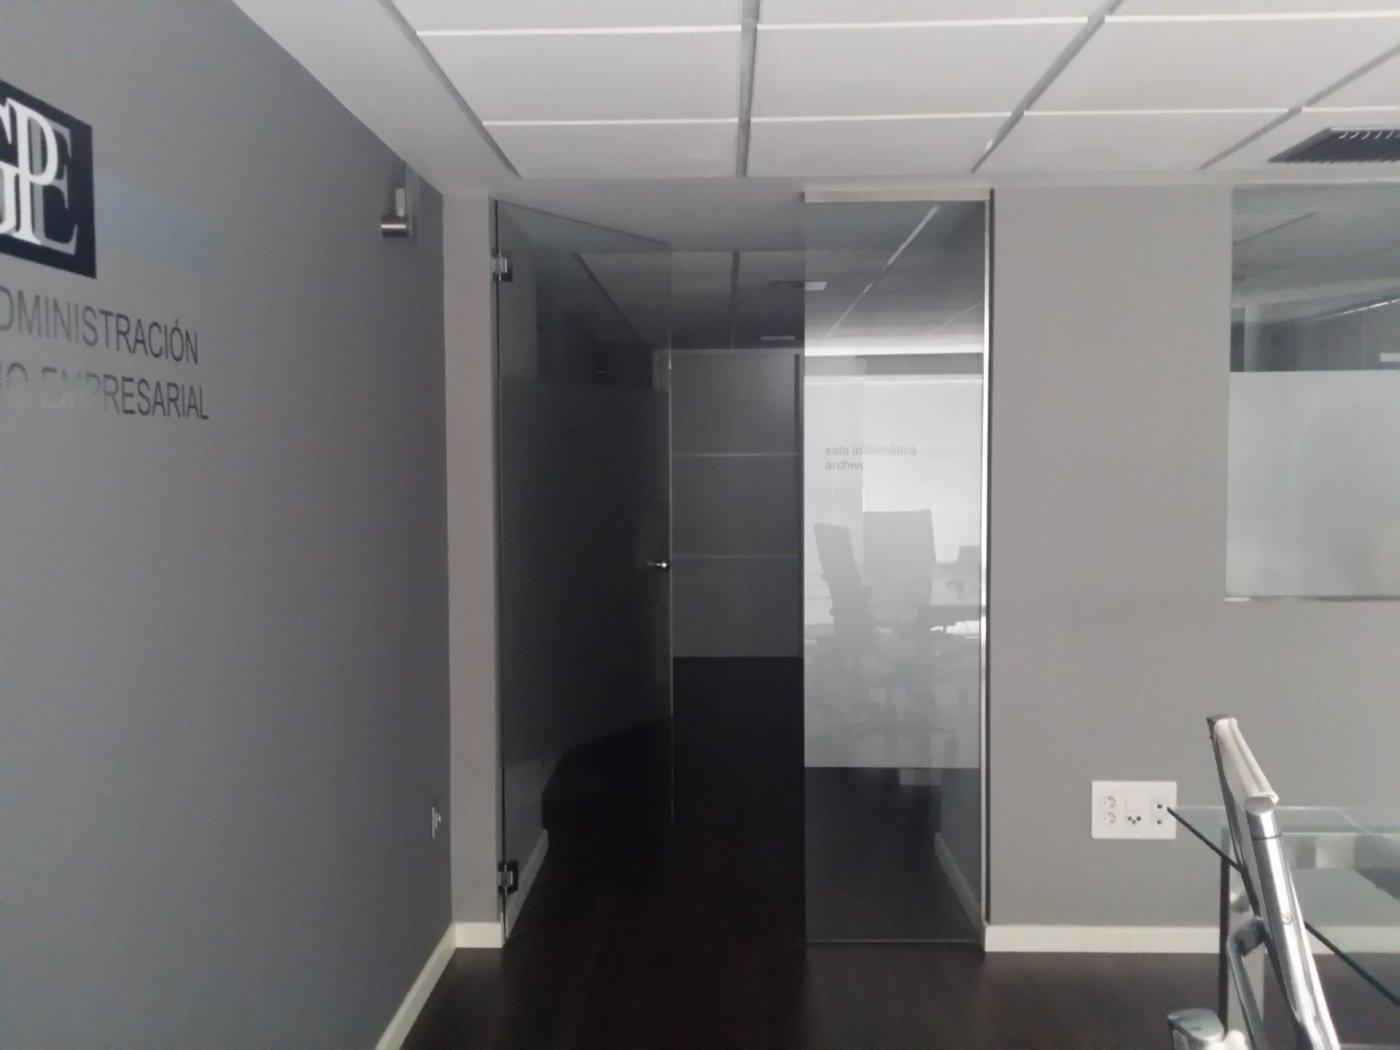 Venta de entresuelo vivienda  + bajo comercial en 2 plantas en pleno centro de burjassot - imagenInmueble6